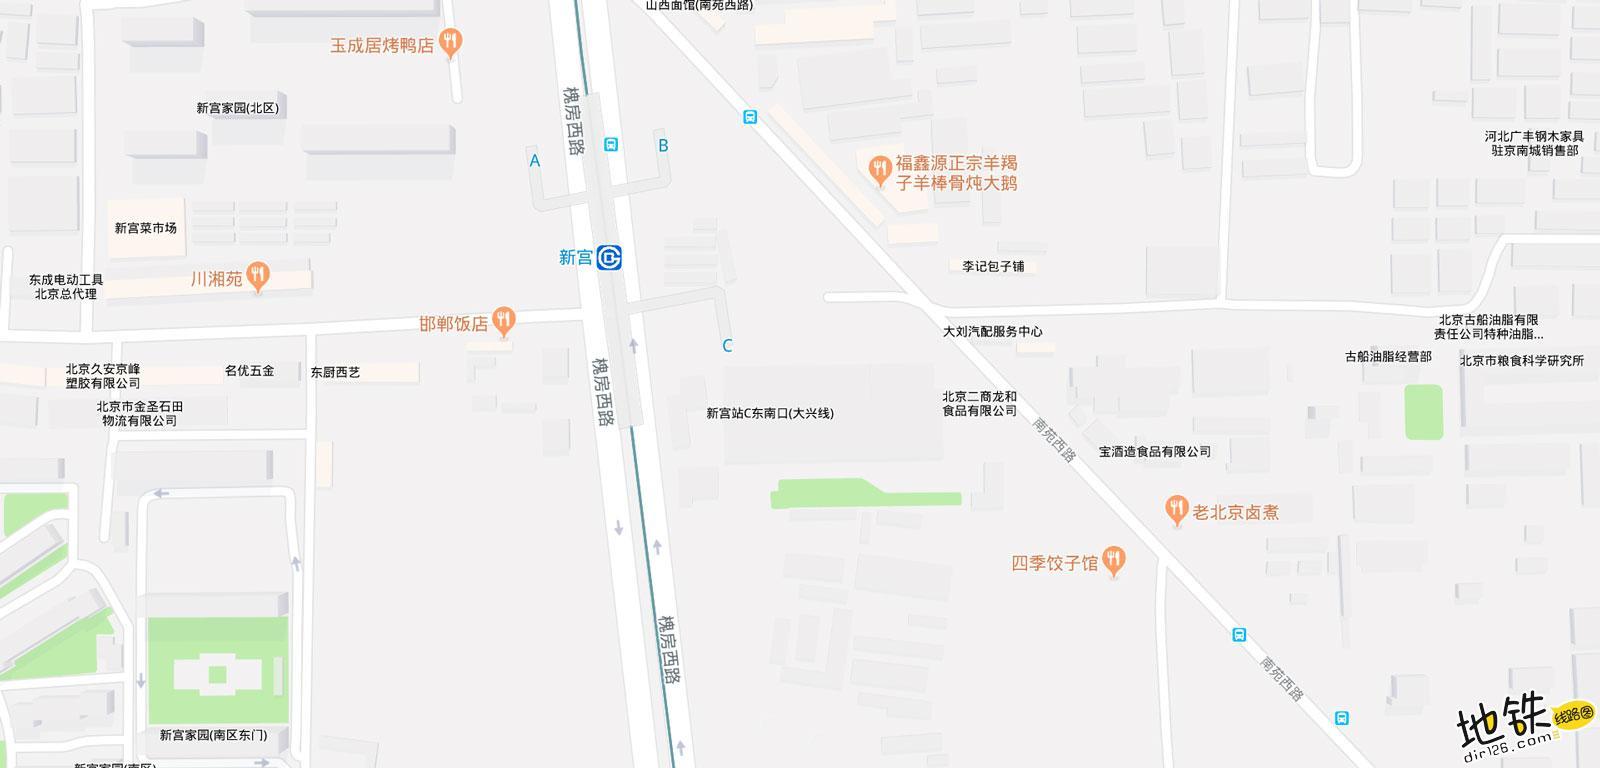 新宫地铁站 北京地铁新宫站出入口 地图信息查询  北京地铁站  第2张